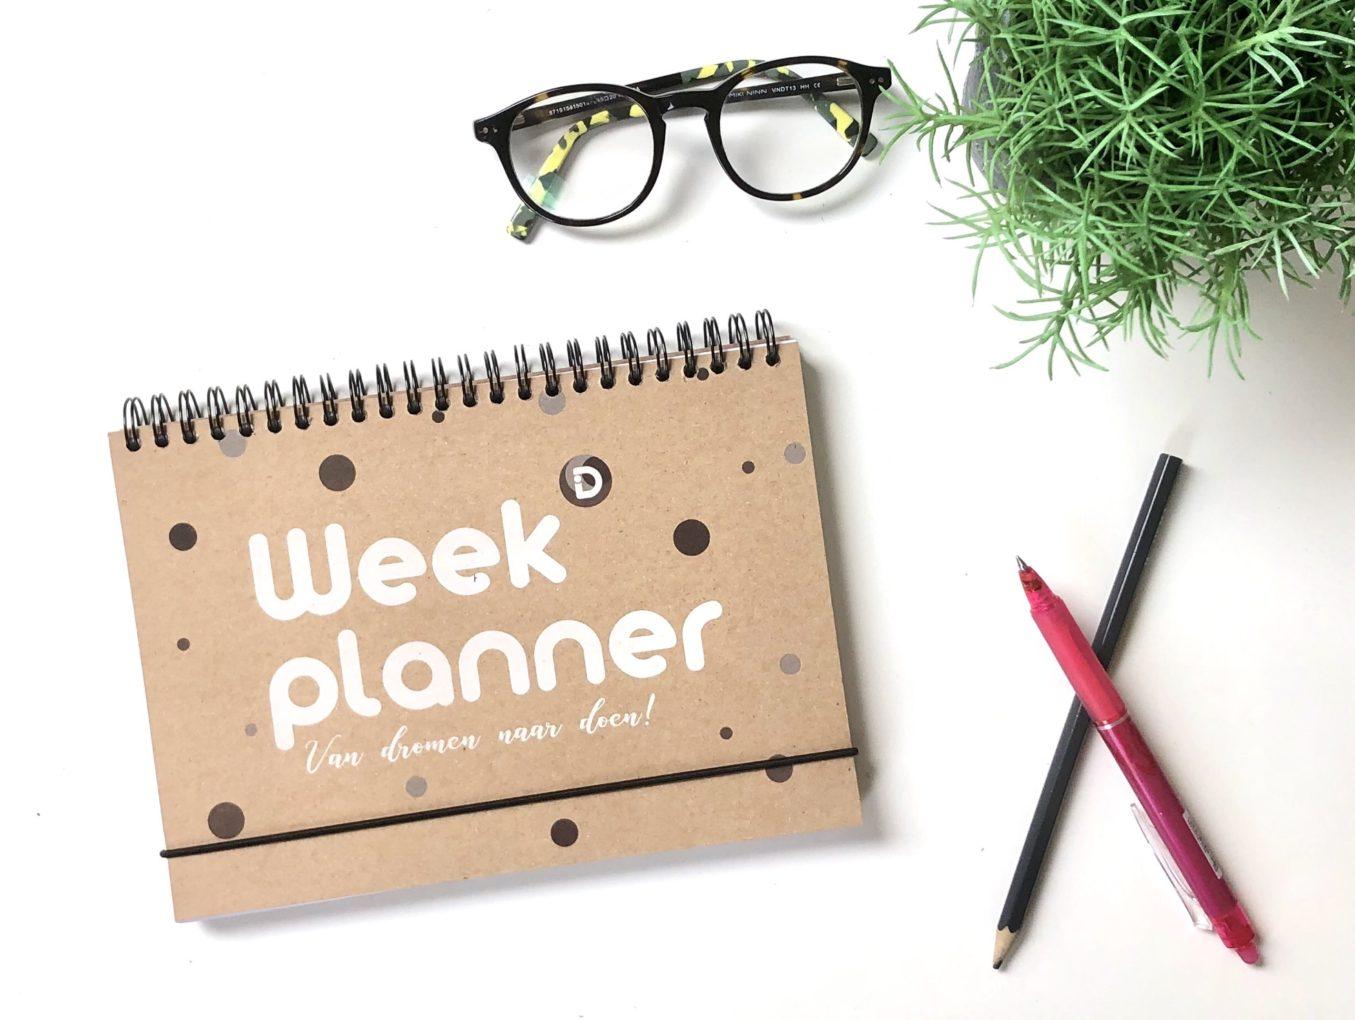 Weekplanner voor focus, overzicht en balans